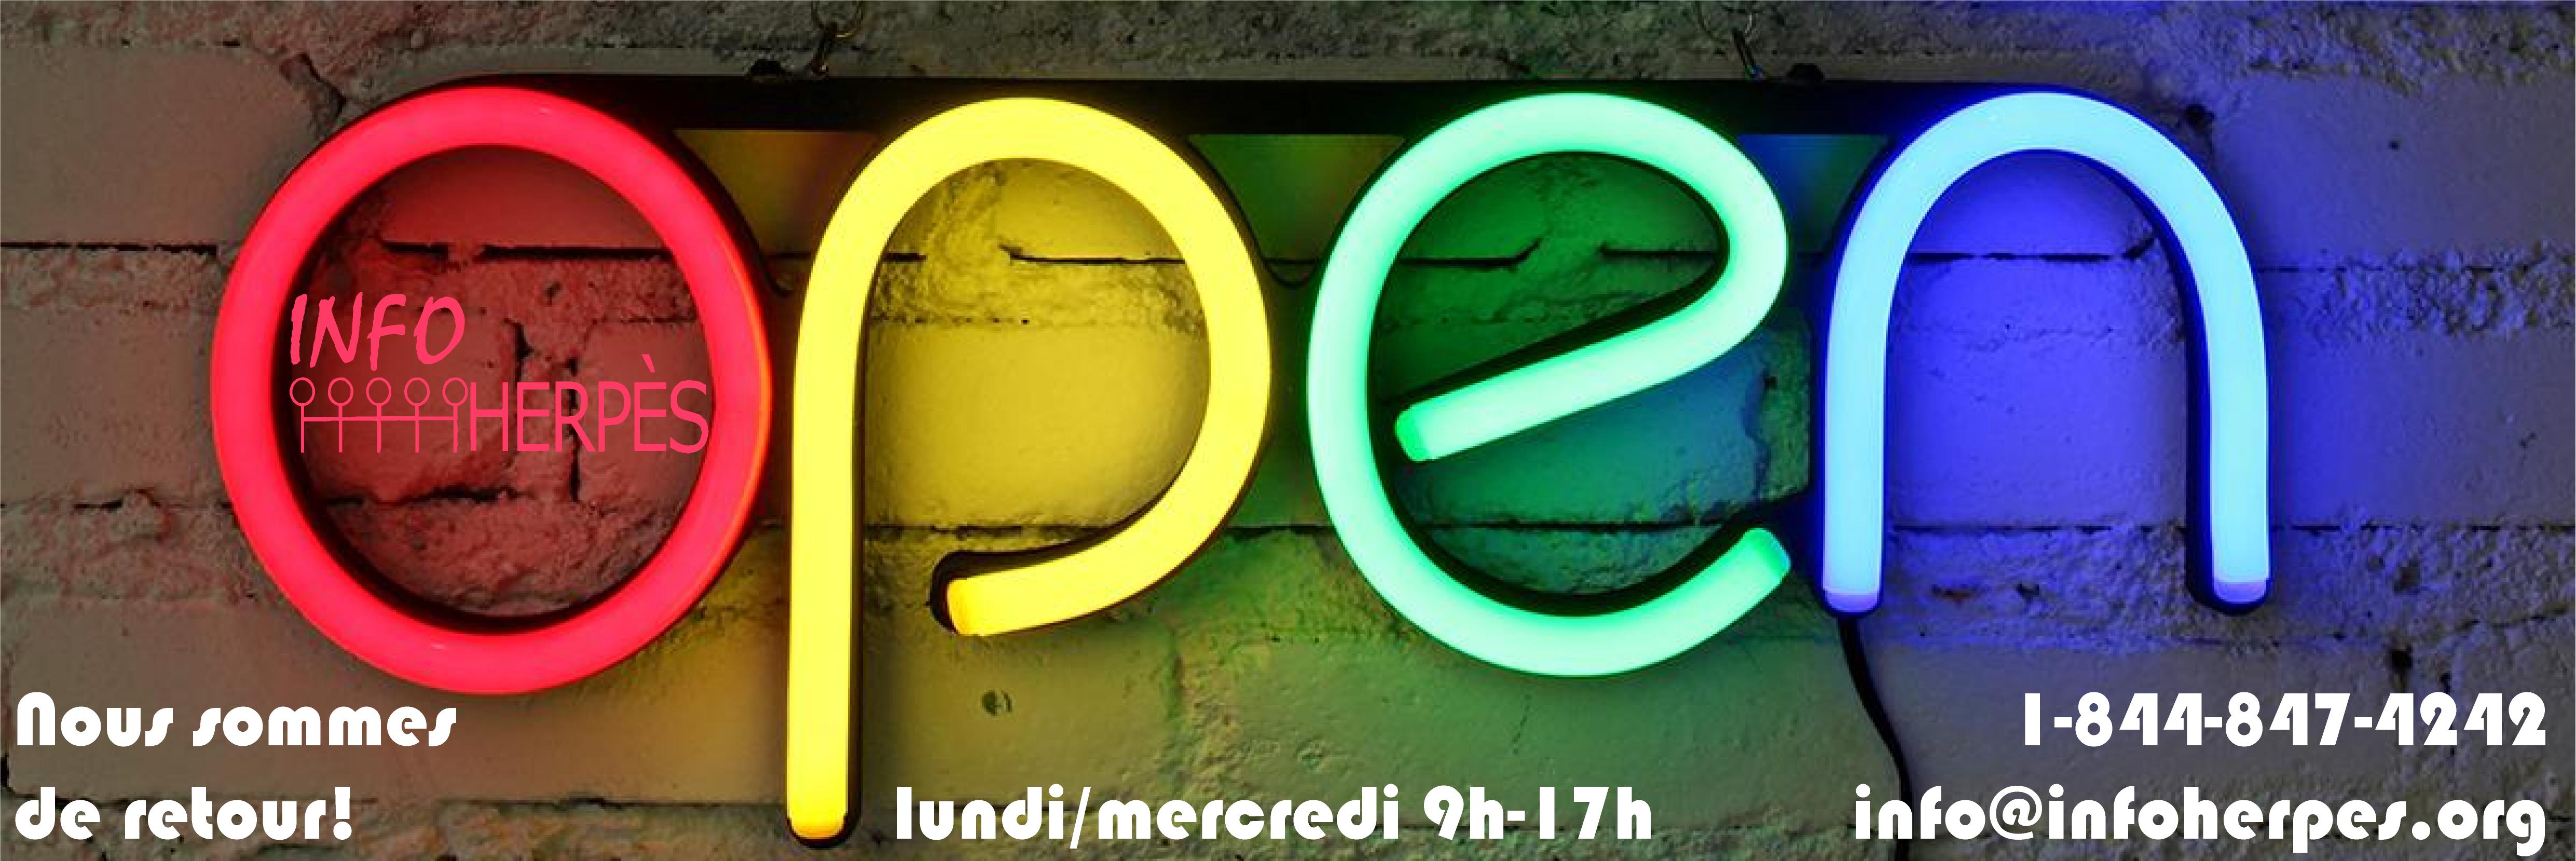 Info-Herpès est ouvert à nouveau!